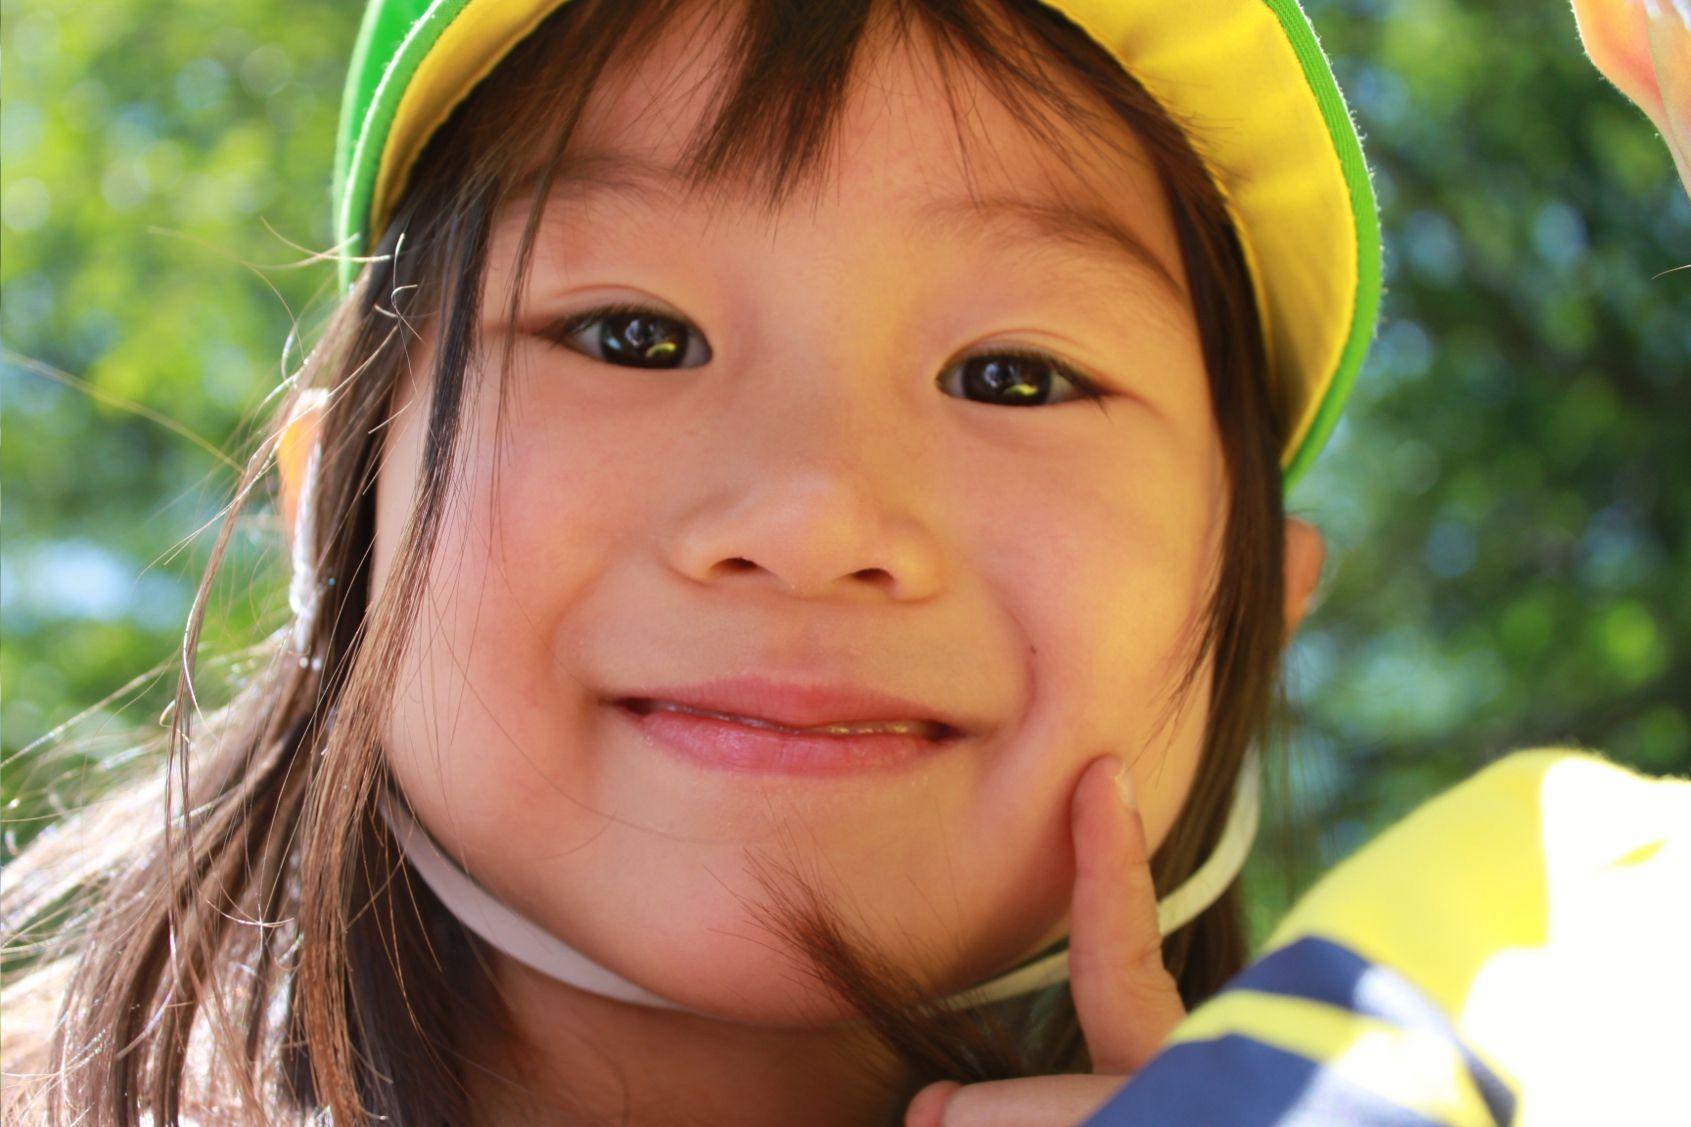 【2017年4月開園】面接交通費支給♪新しく開園した保育園で、資格を活かして働きませんか?